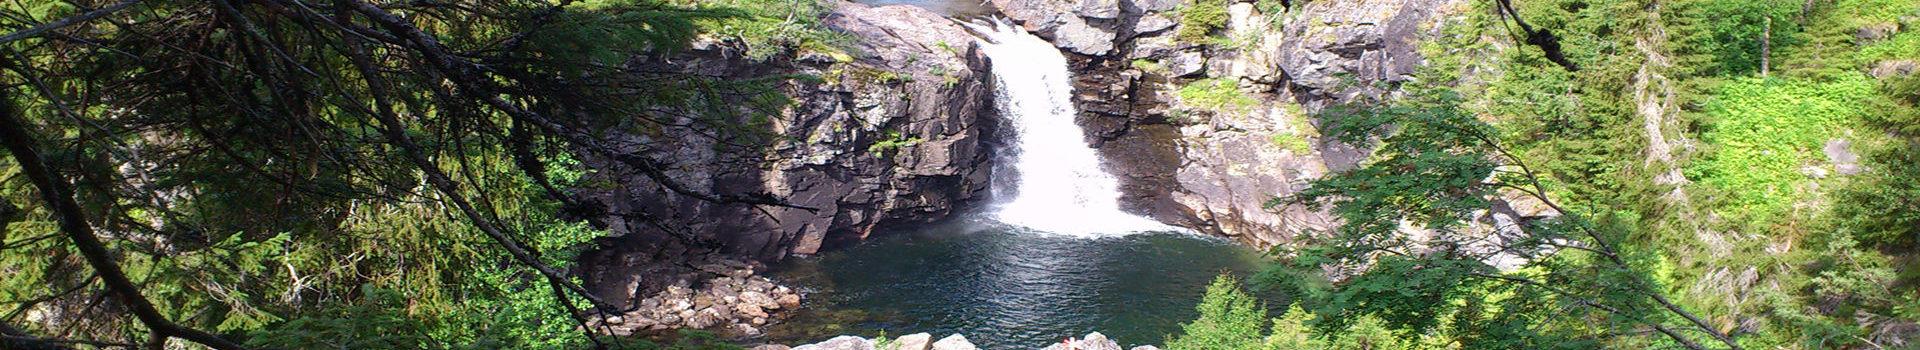 Vattenfall Sutme i Borgafjäll